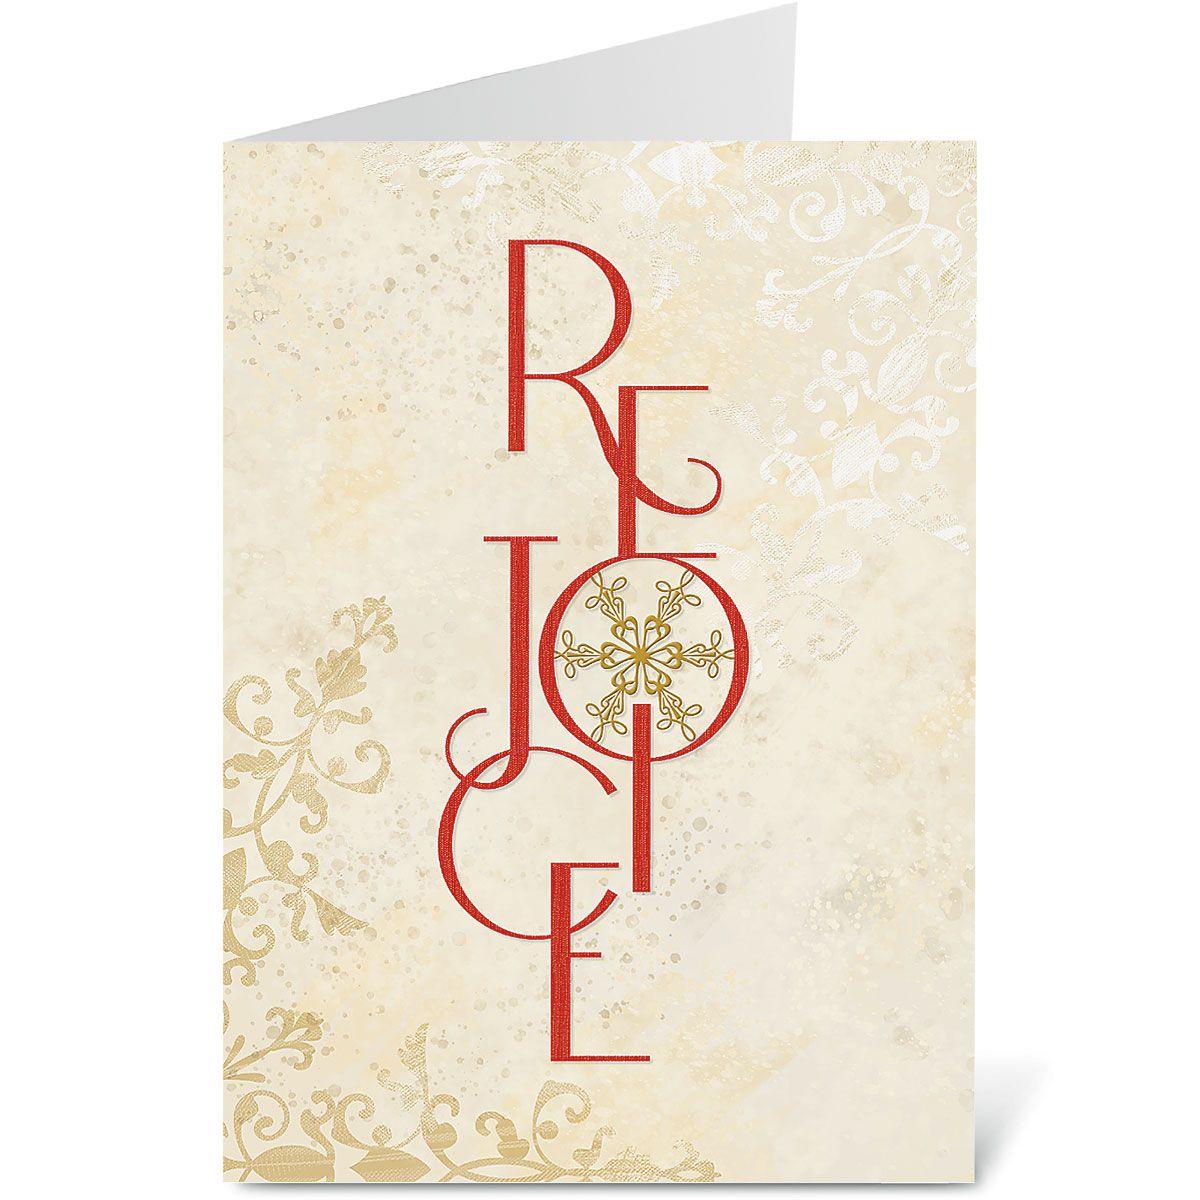 Rejoice Snowflake Religious Christmas Cards